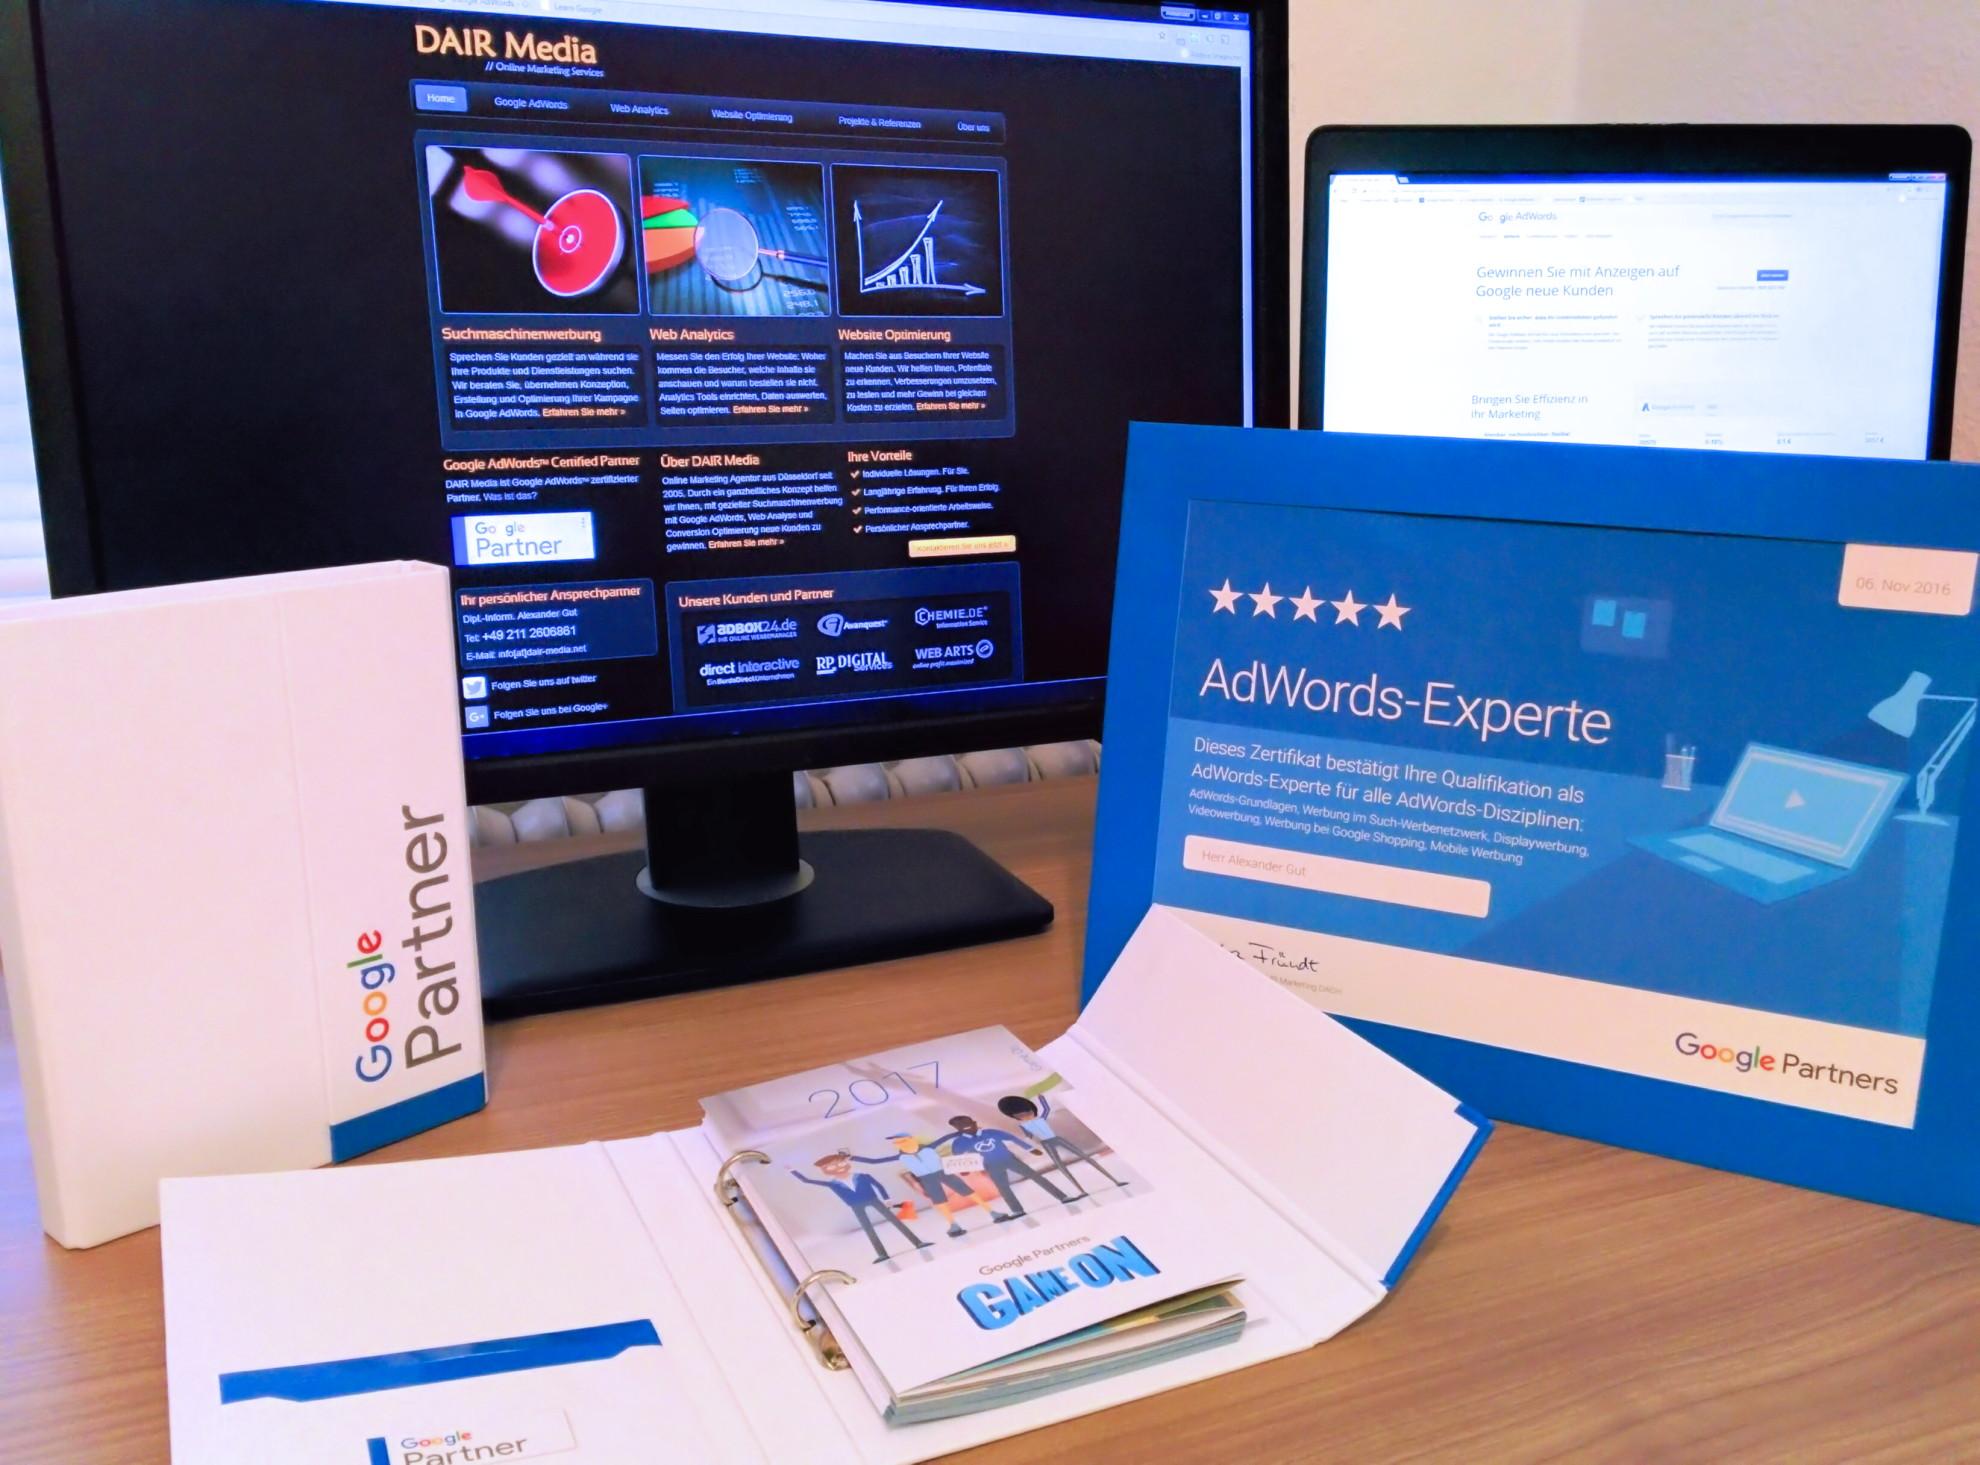 AdWords-Experte Zertifikat und neue Gutscheine für 2017